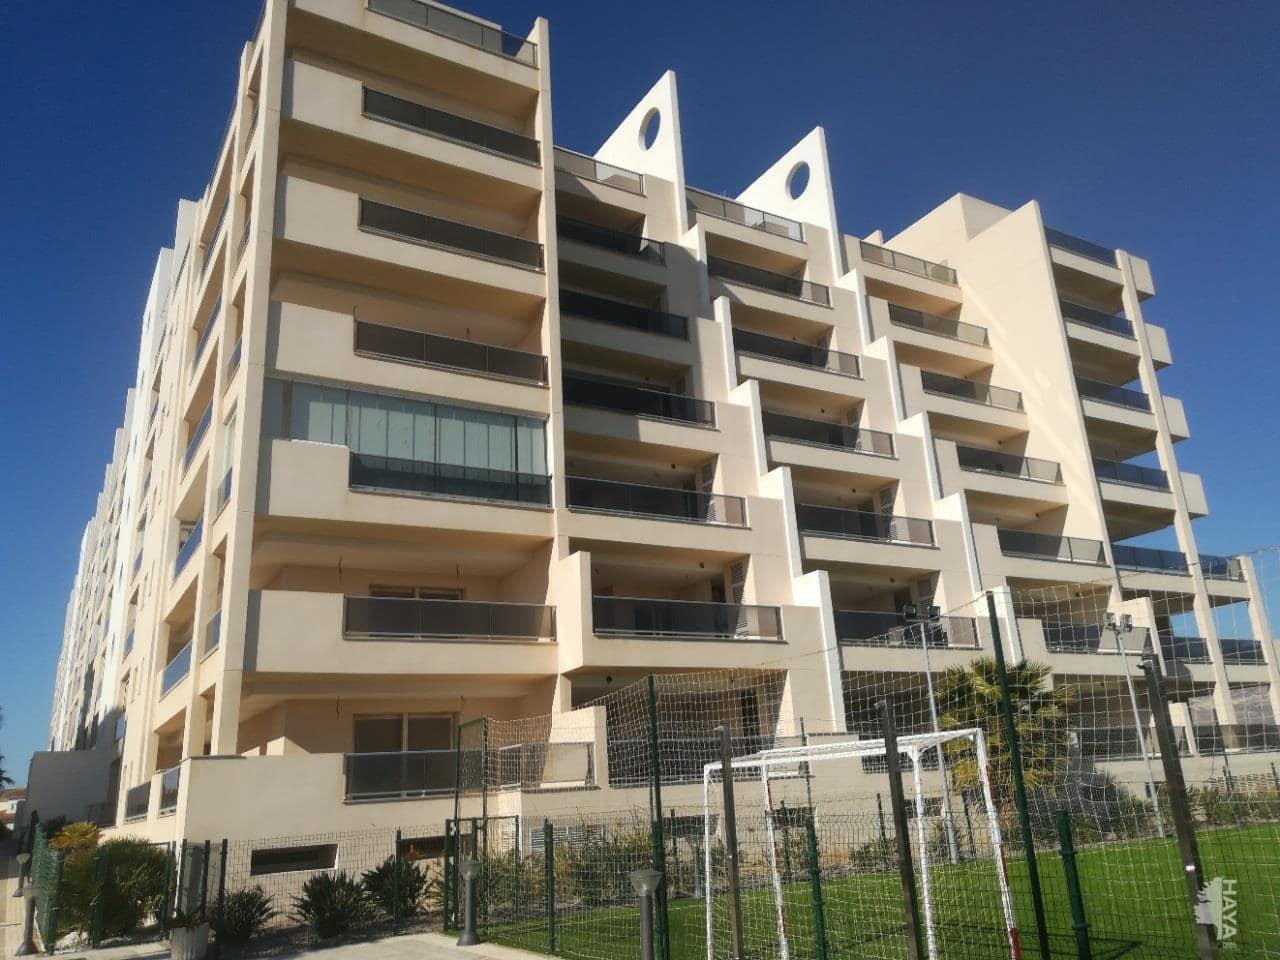 Piso en venta en Roquetas de Mar, Almería, Calle Santa Marta, 332.603 €, 3 habitaciones, 2 baños, 85 m2